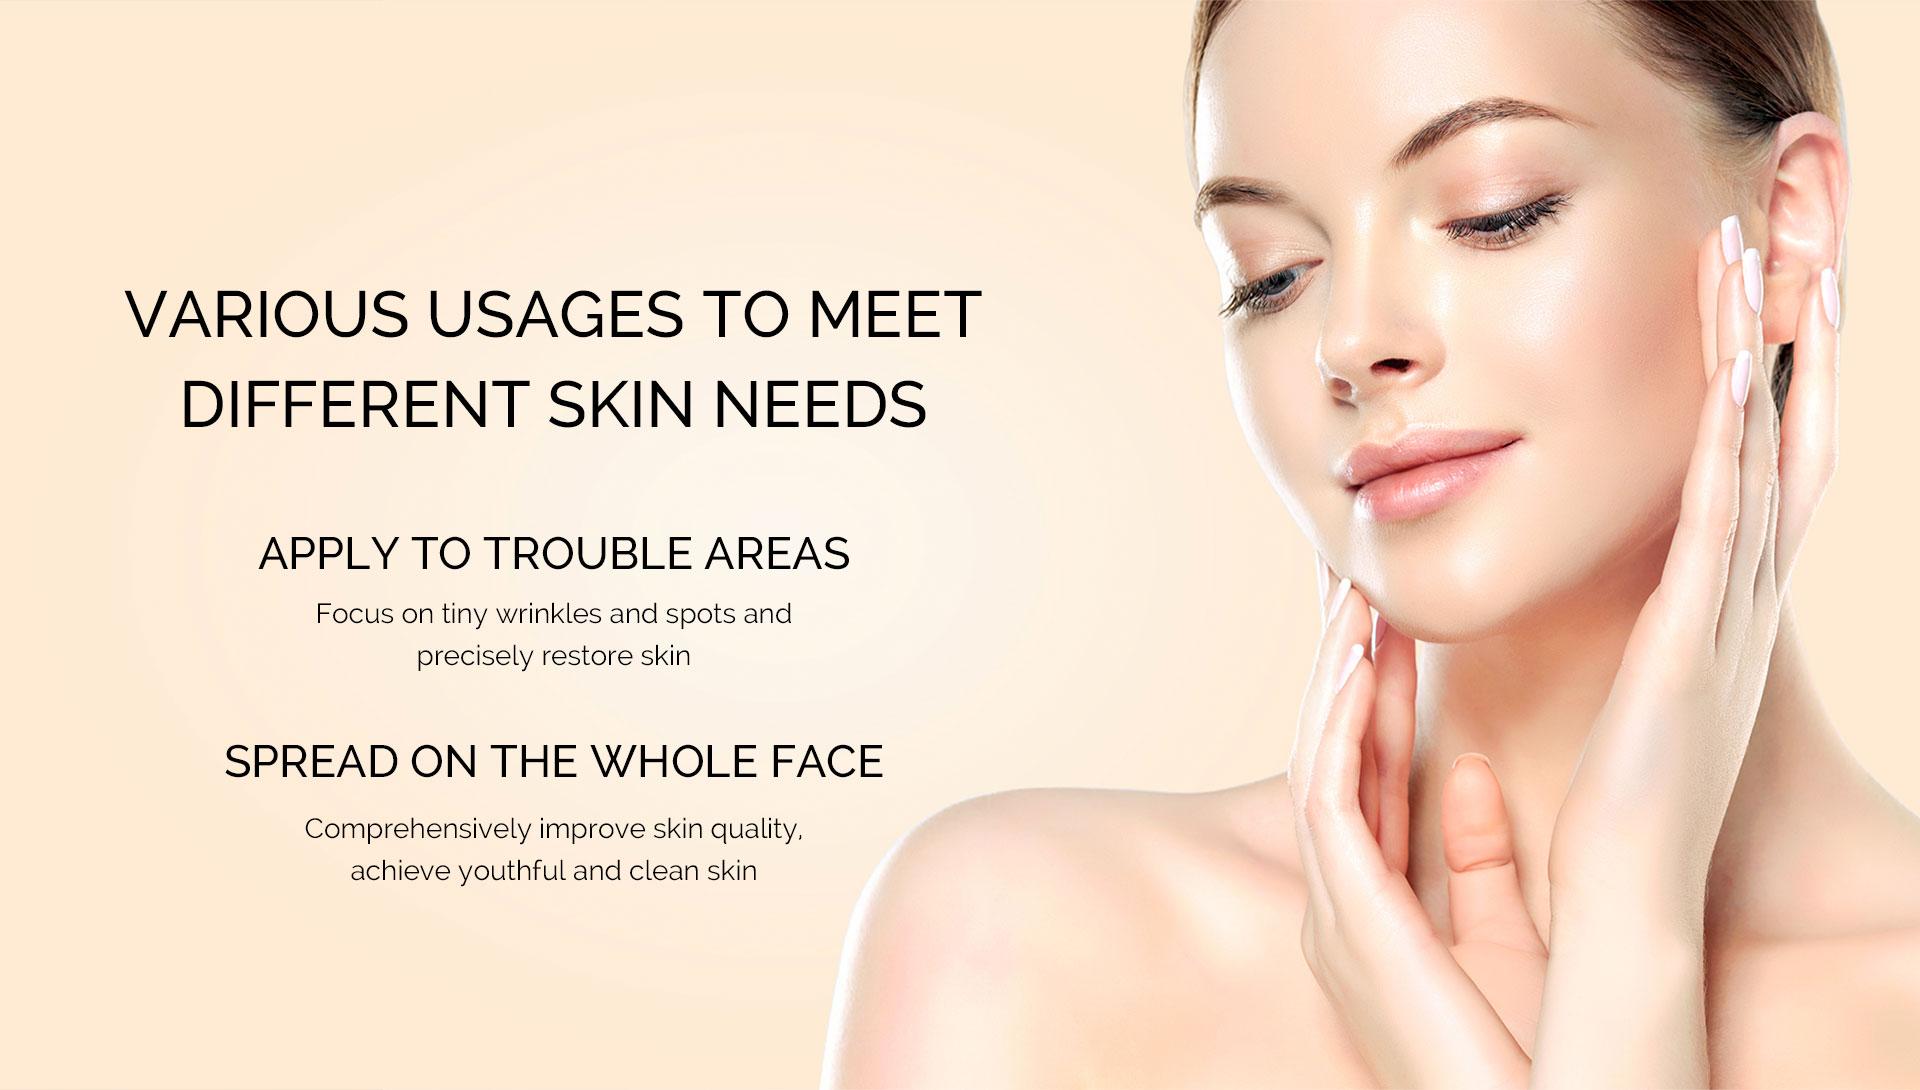 _0008_多种用法--满足不同肌肤需求.jpg